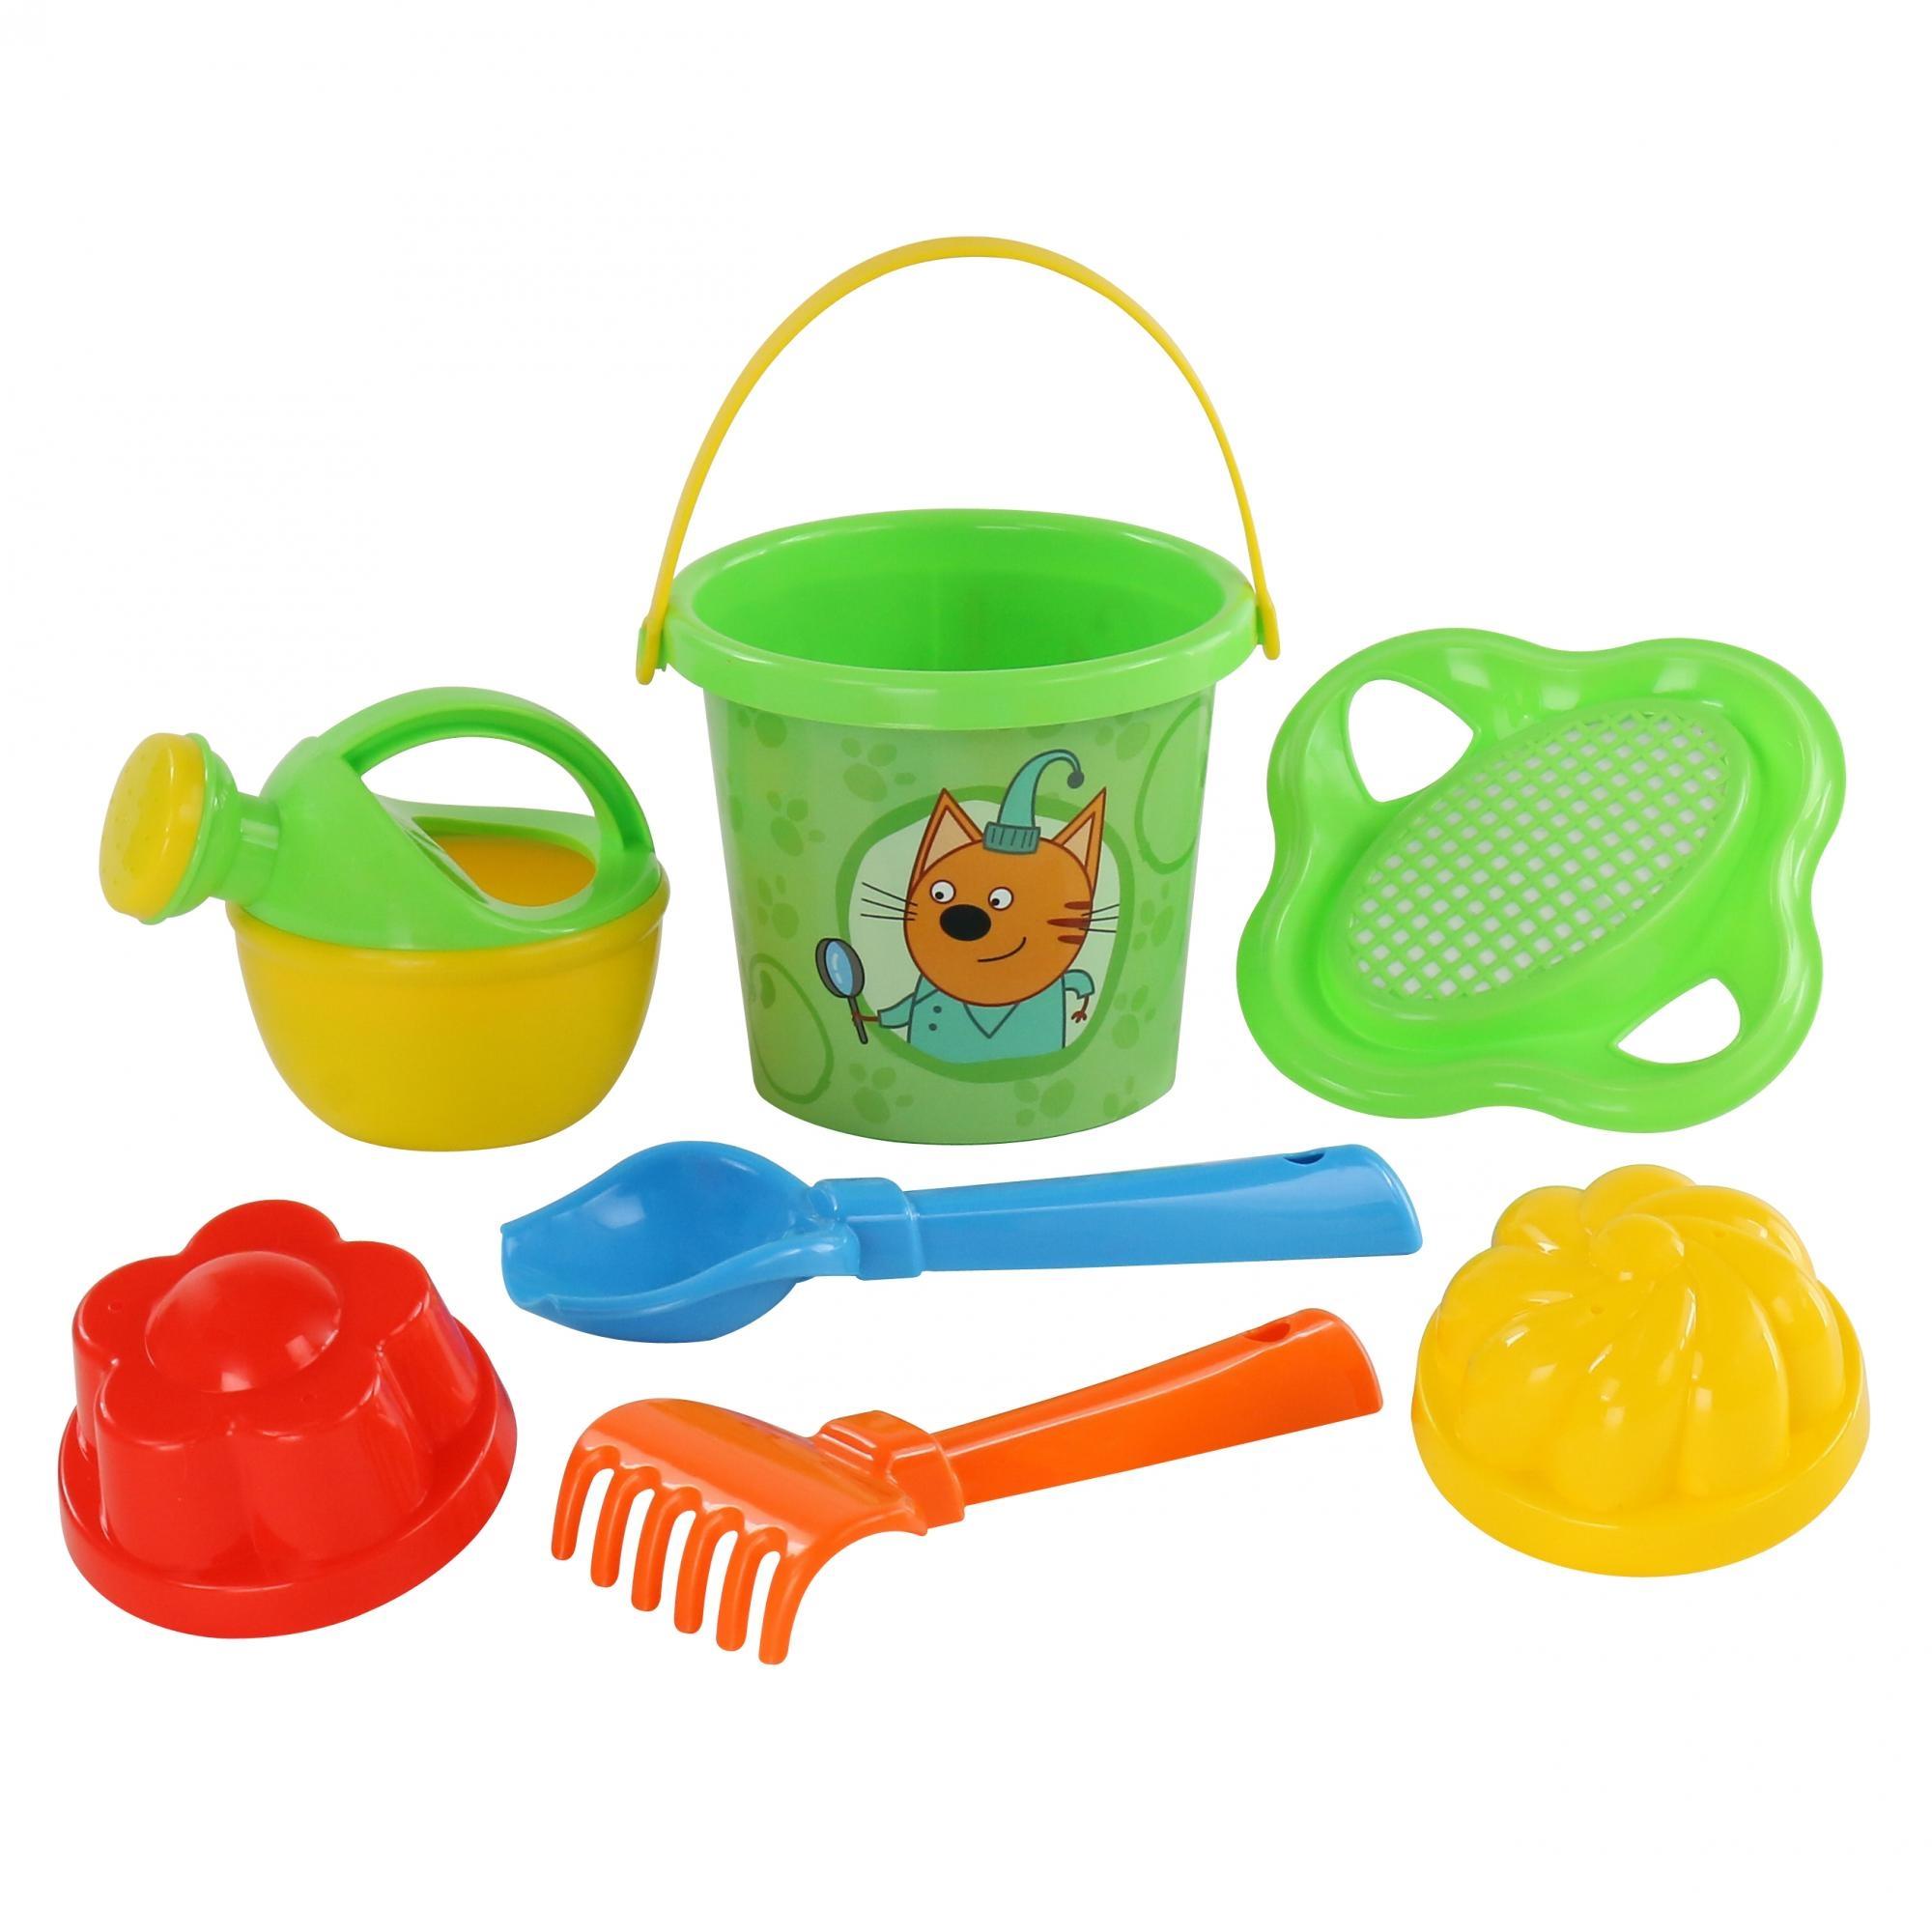 Набор для игры с песком POLESIE Три кота, 7 предметов